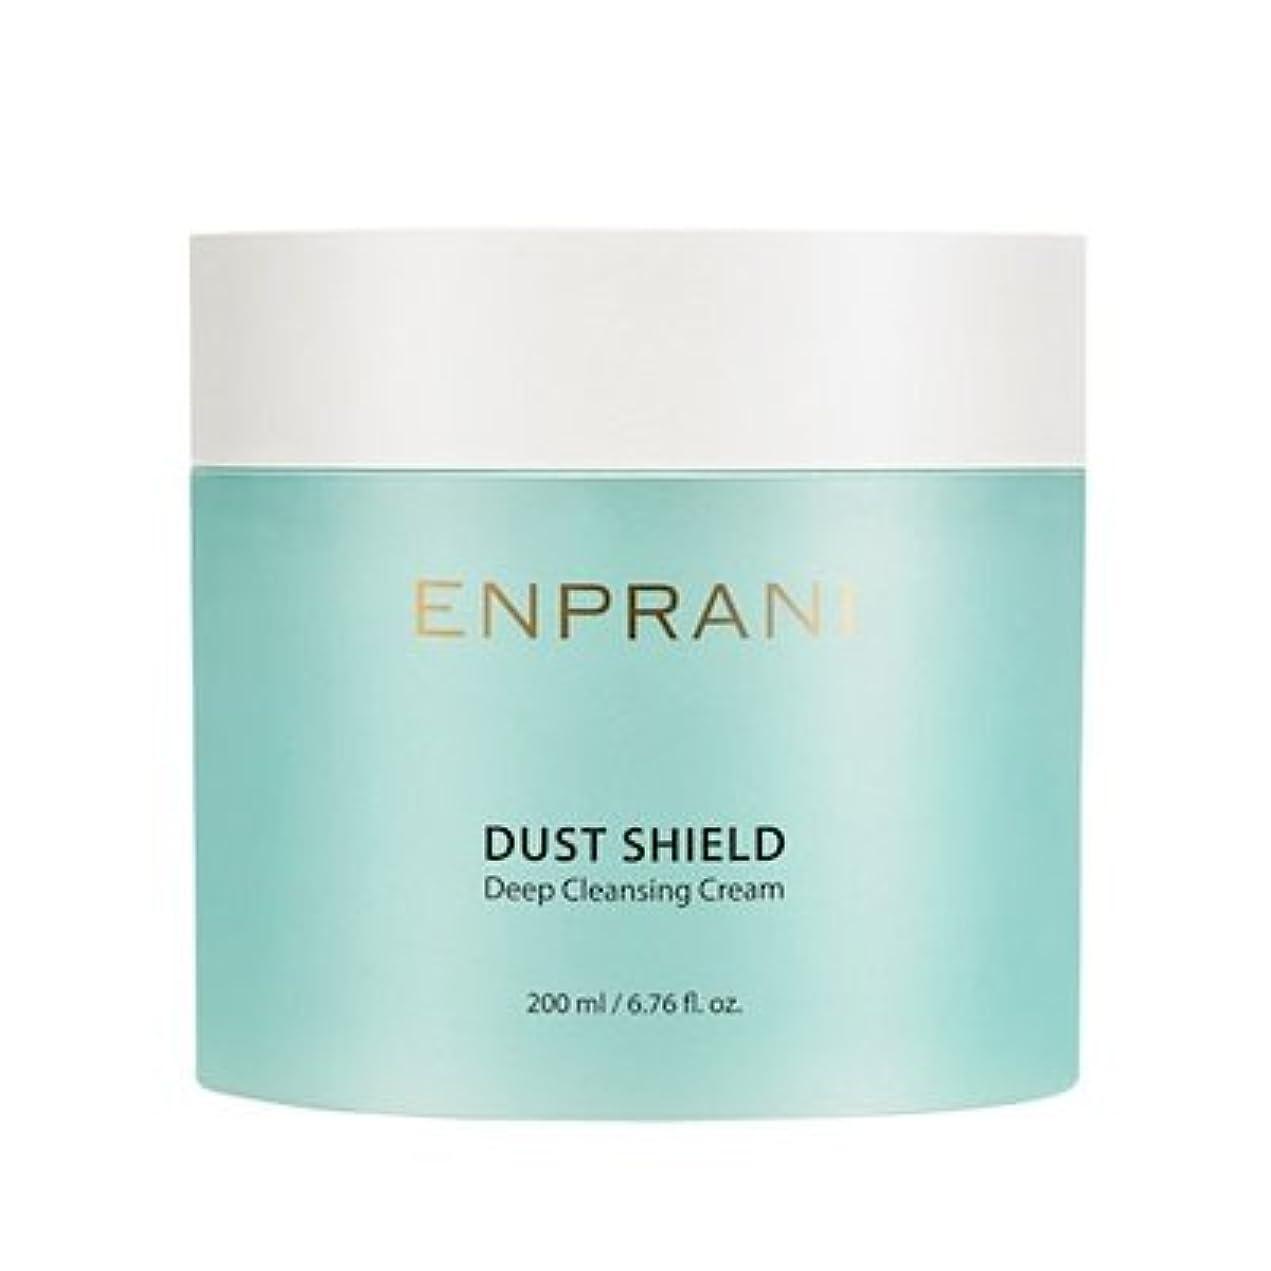 読みやすい悪のマンハッタンENPRANI Dust Shield Deep Cleansing Cream エンプラニ ダストシールドディープクレンジングクリーム200ml [並行輸入品]